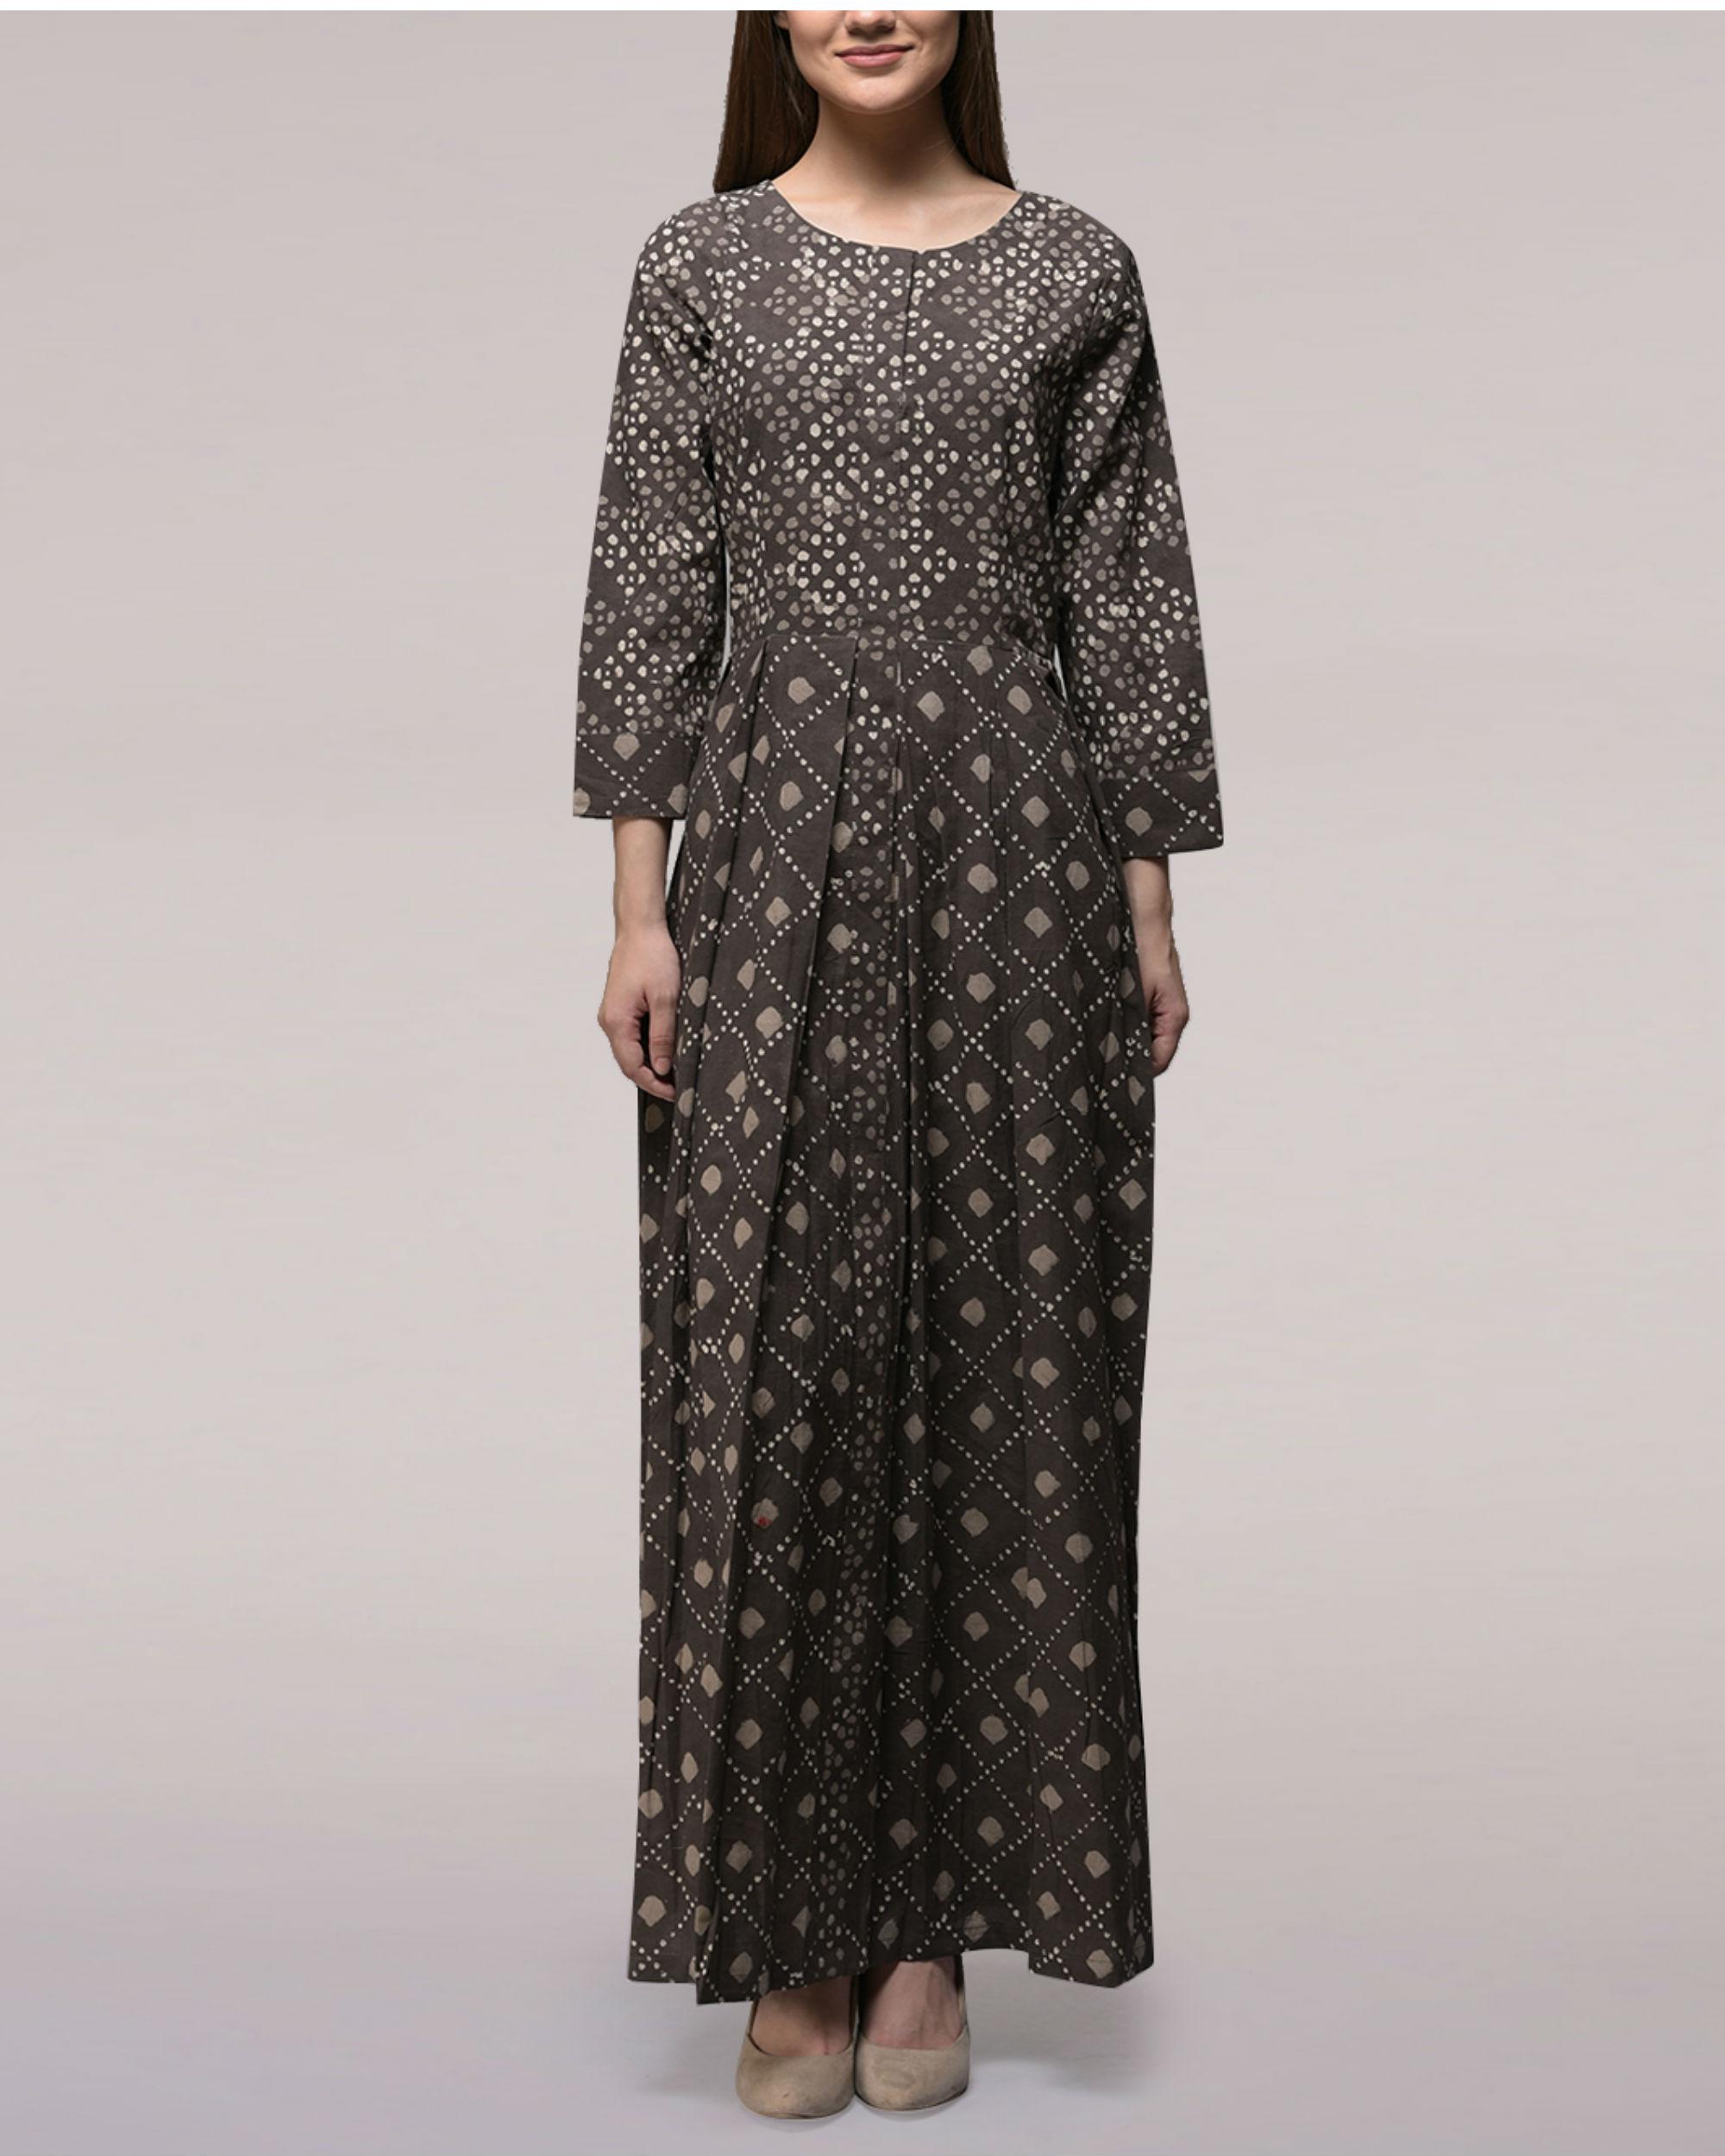 Ash black yoke dabu-printed cotton dress